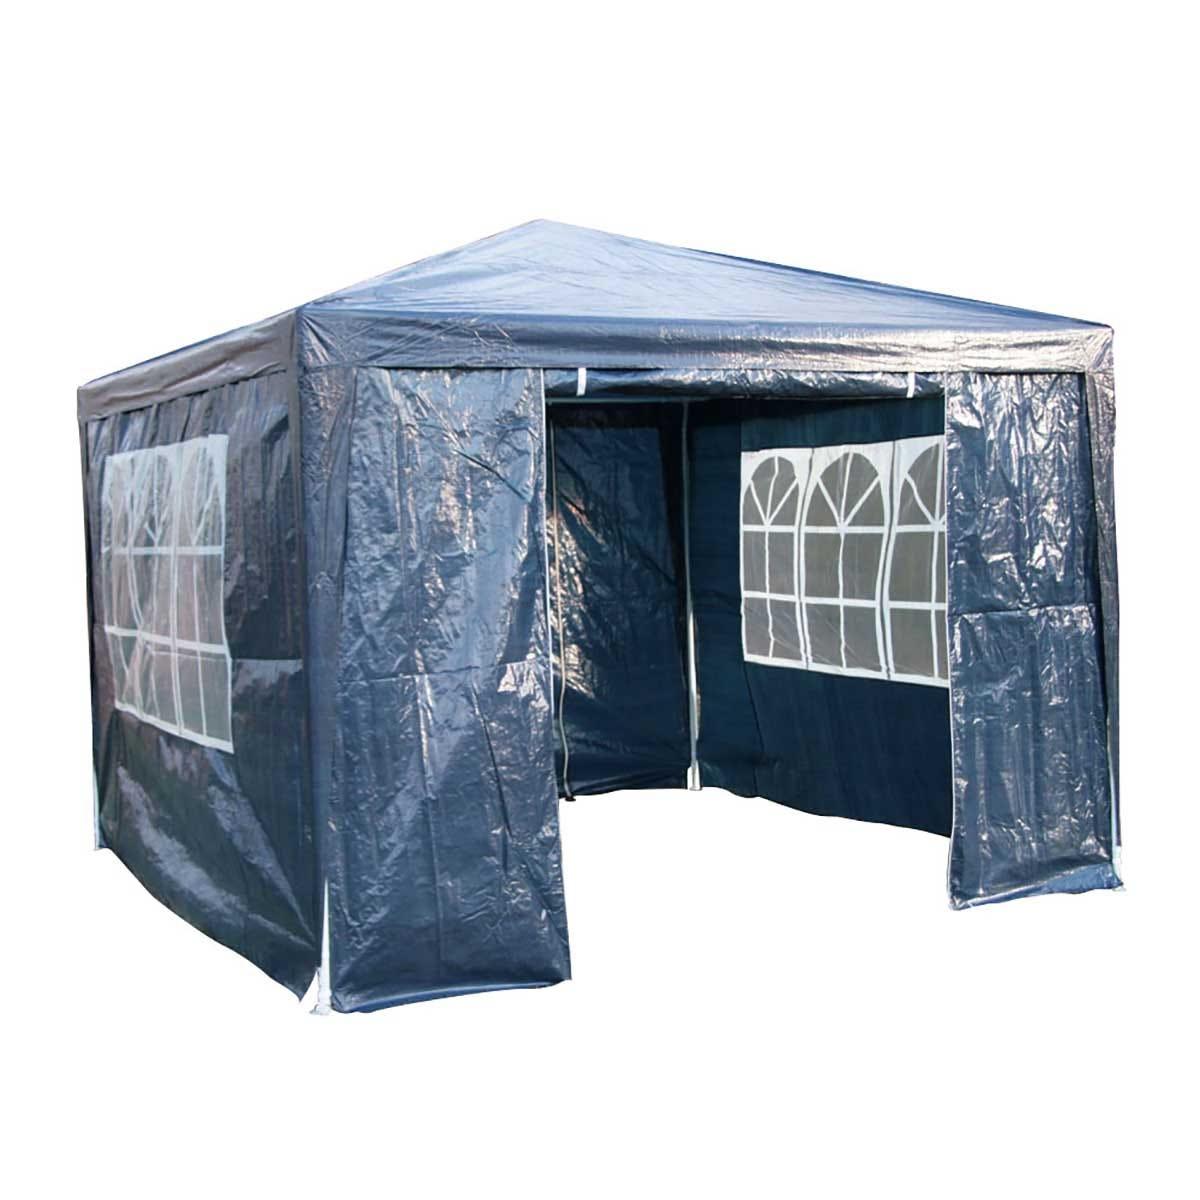 Airwave 3m x 3m Value Party Tent Gazebo - Blue